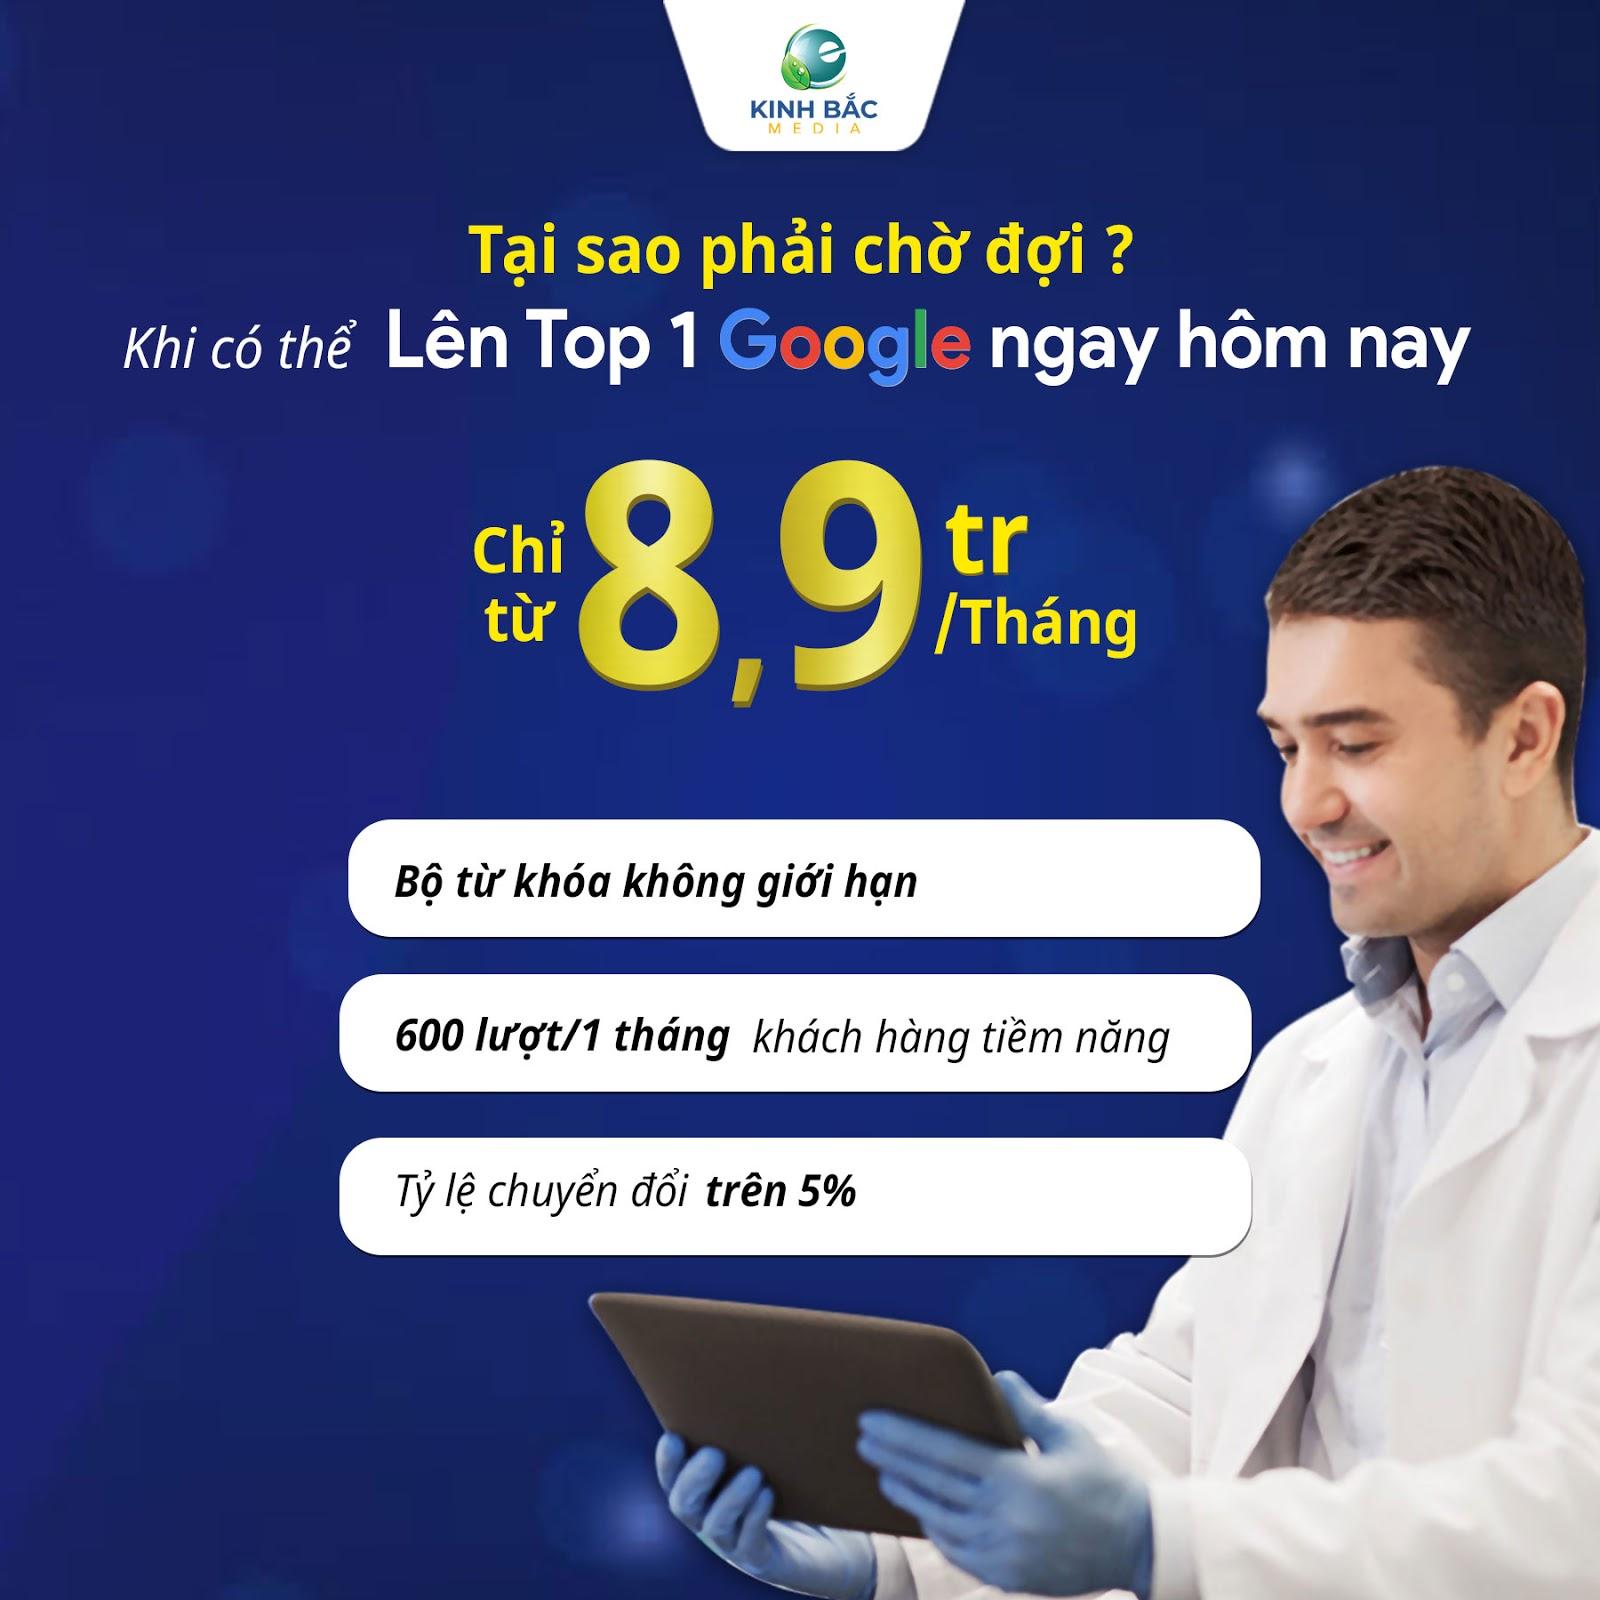 Chạy quảng Cáo Trên Google Hiệu Quả, Uy Tín. Cài Đặt Và Tối Ưu Chiến Dịch. Đưa website lên top google nhanh chóng